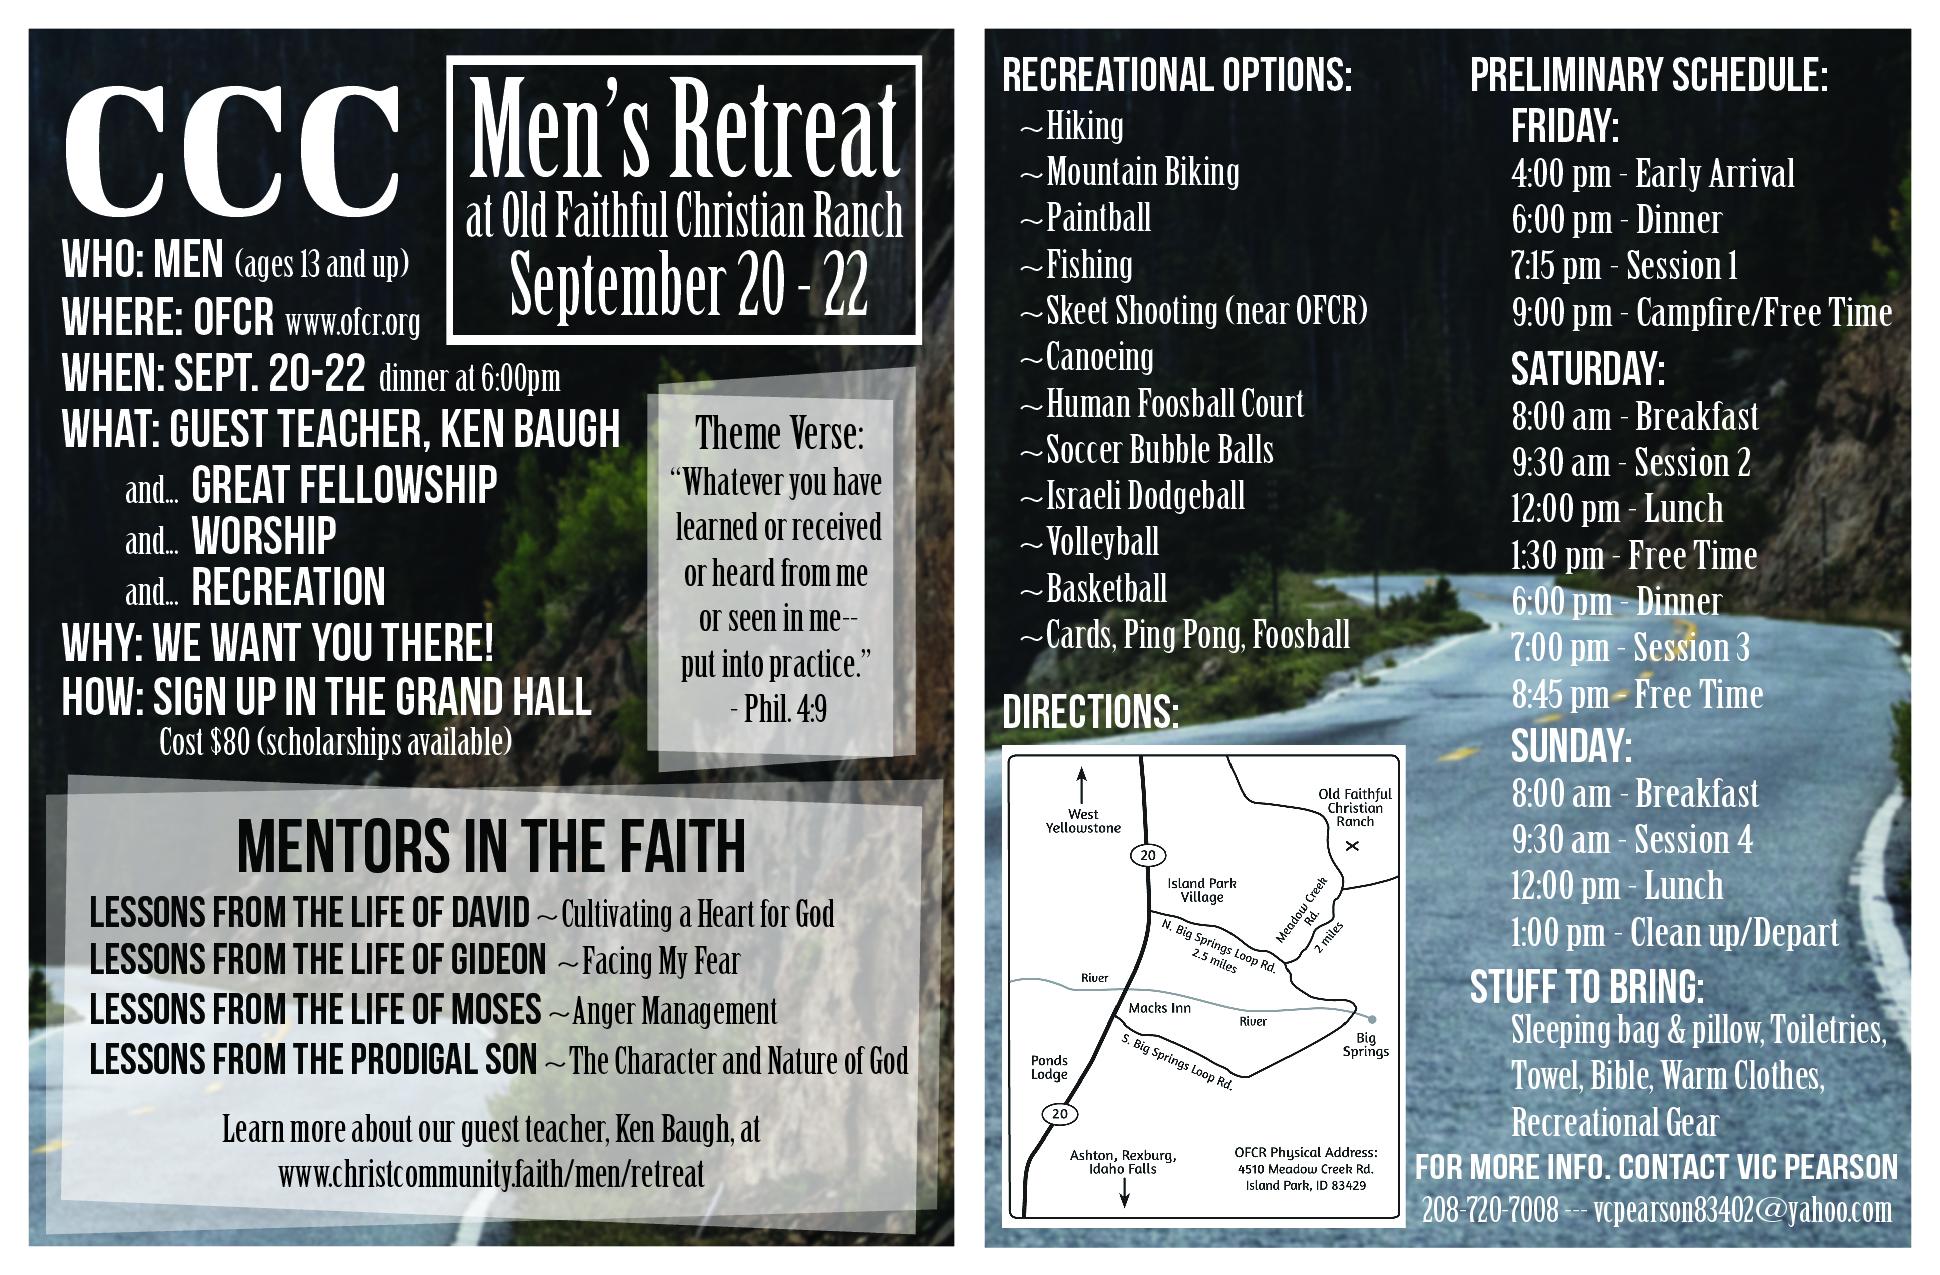 men's retreat website flyer-01.jpg